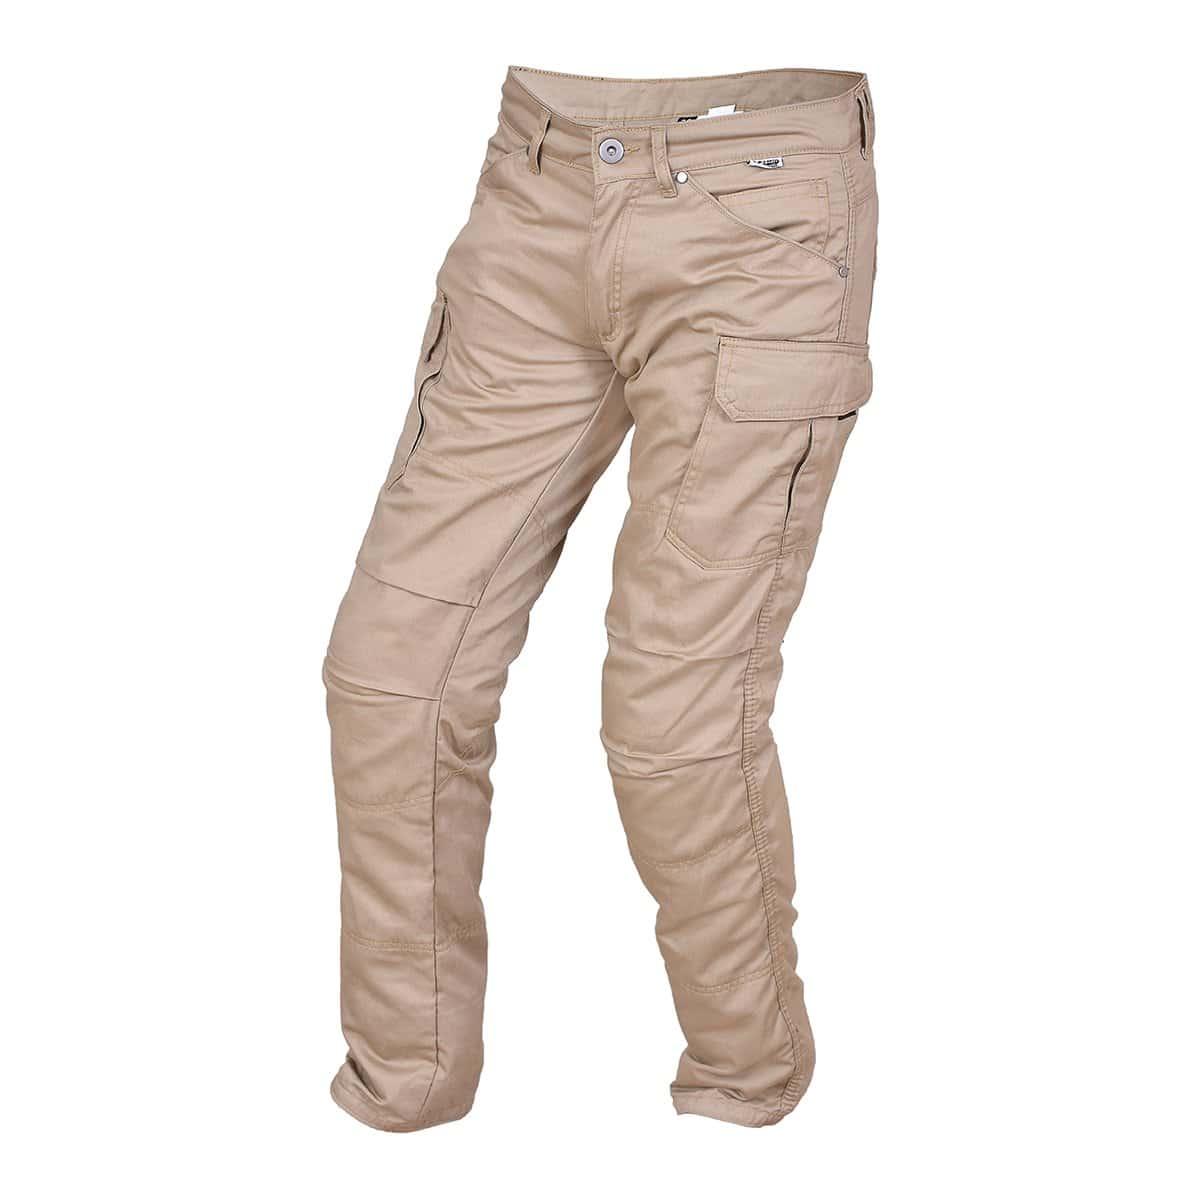 Pantalon moto : le confort avant tout